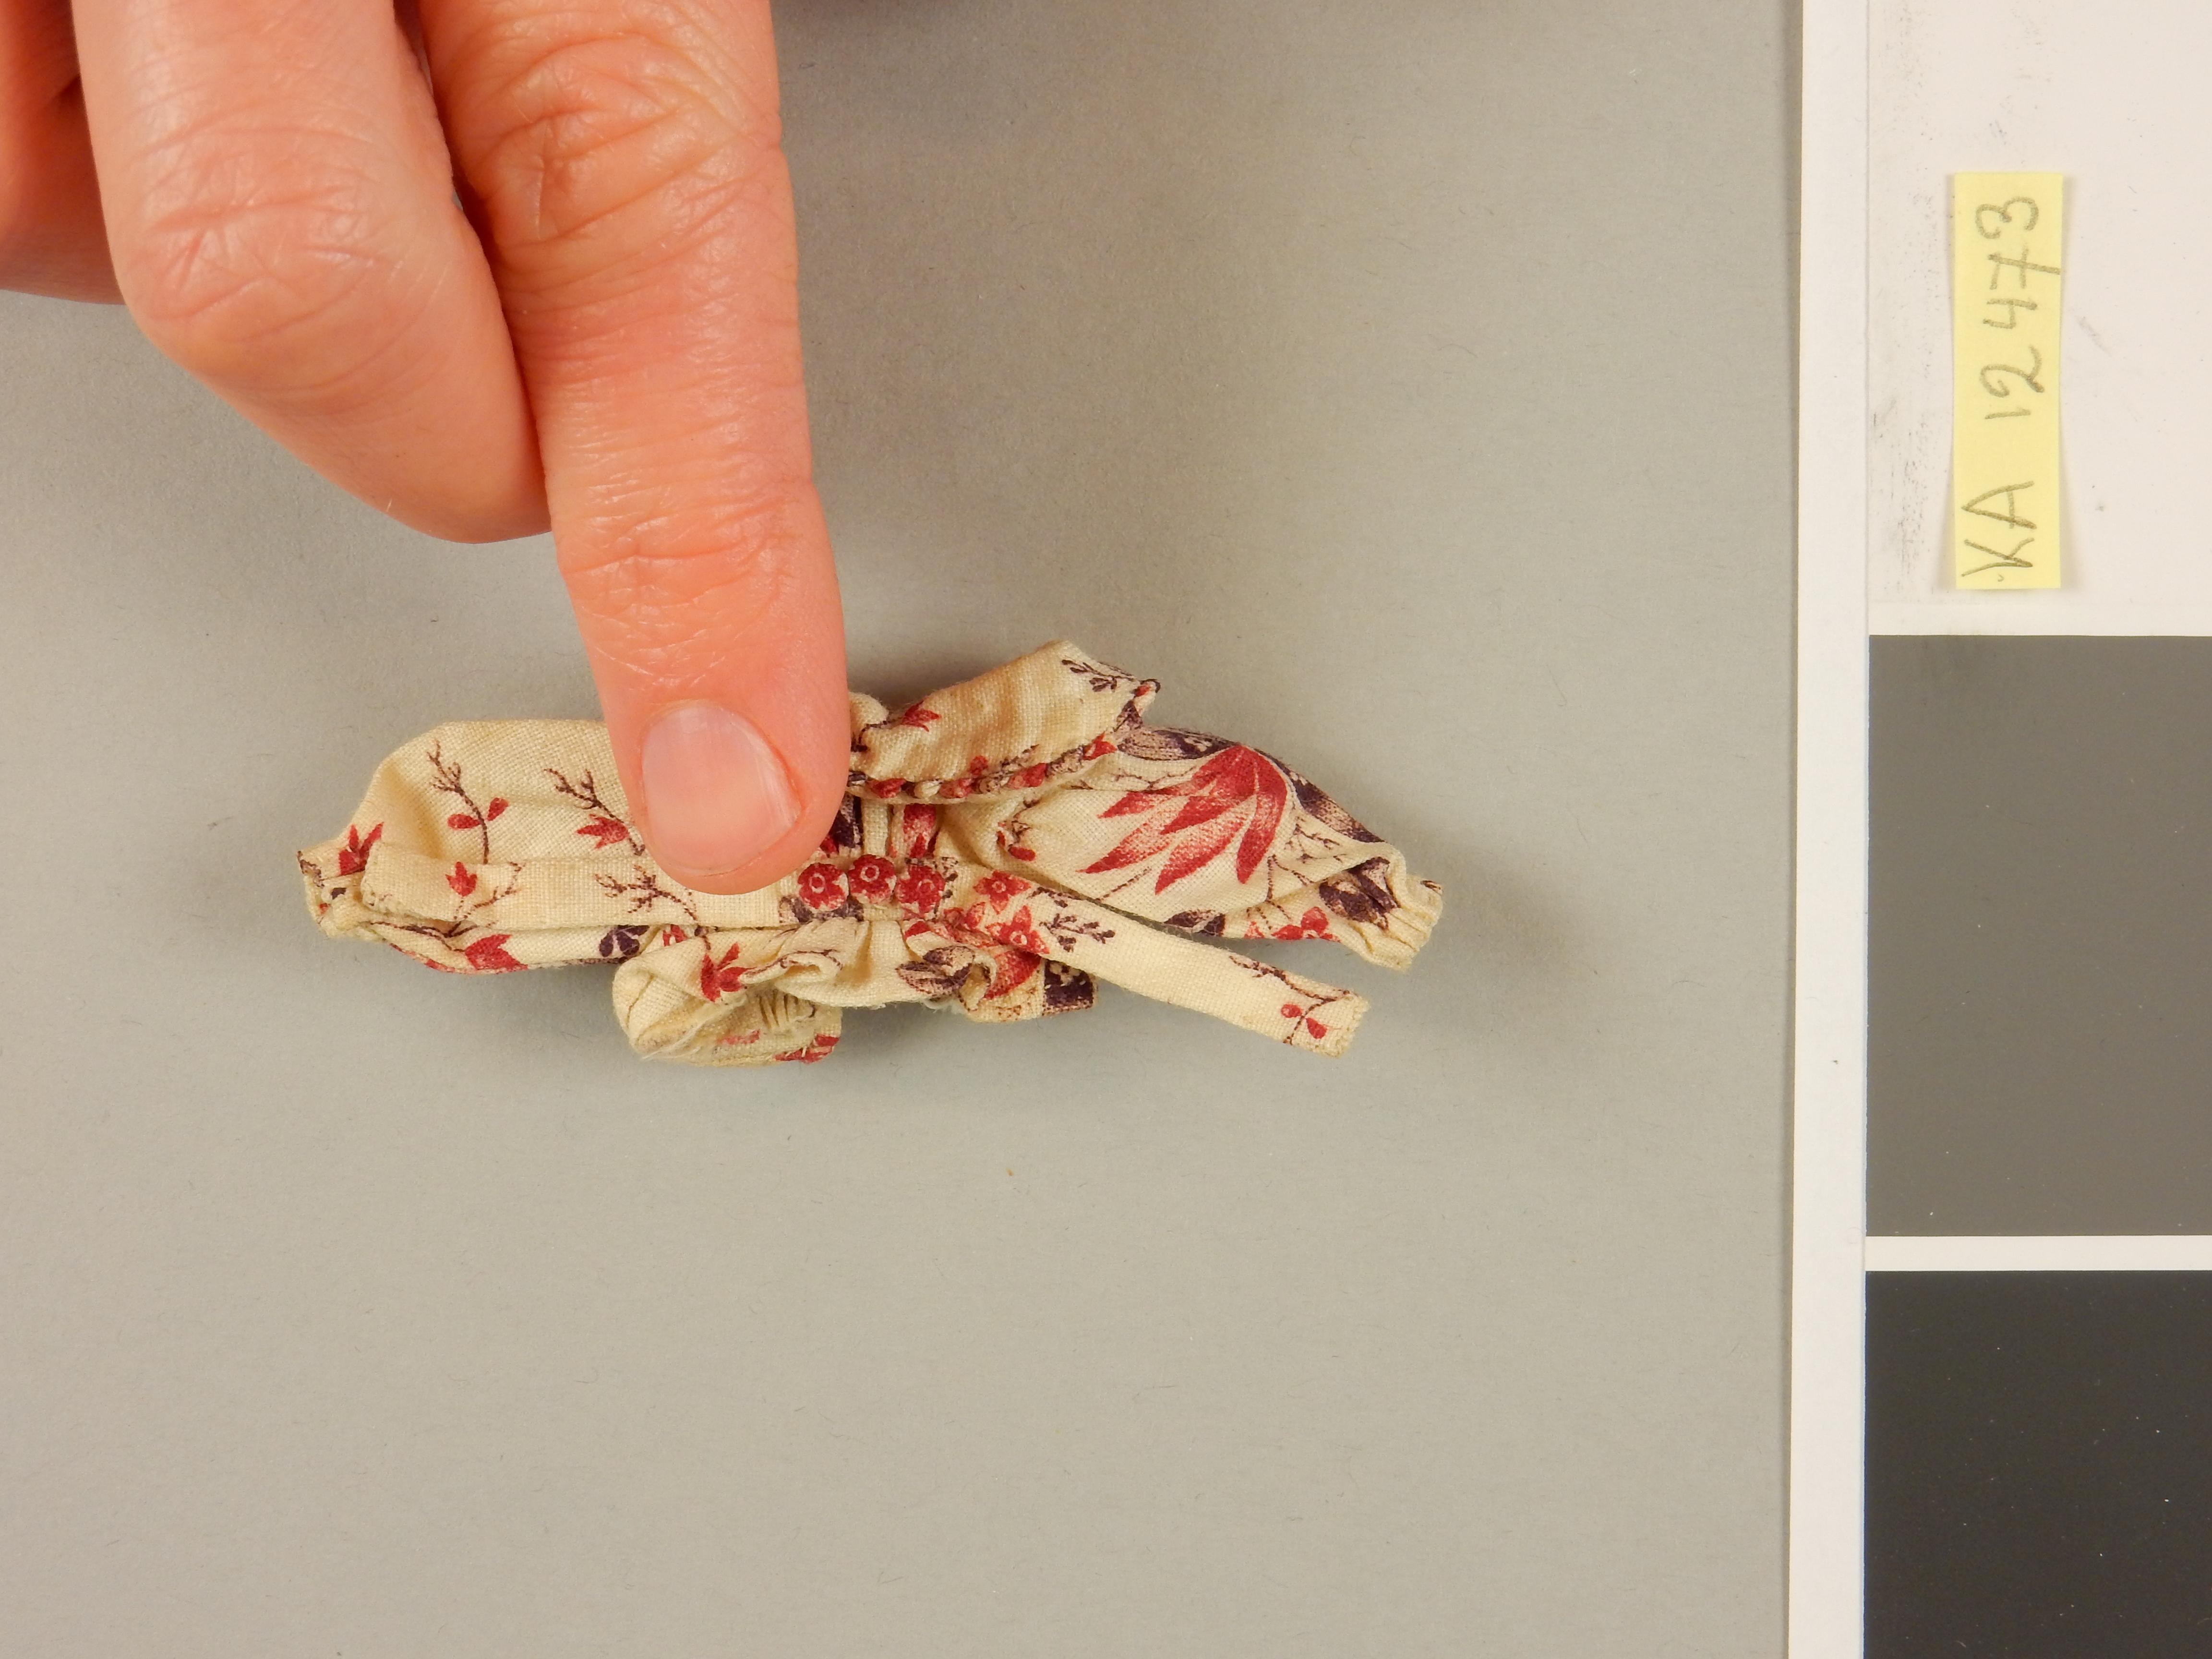 Bovenkleding in miniatuur. De vinger geeft de schaal van het kledingstuk aan. Foto: Judith van Amelsvoort.